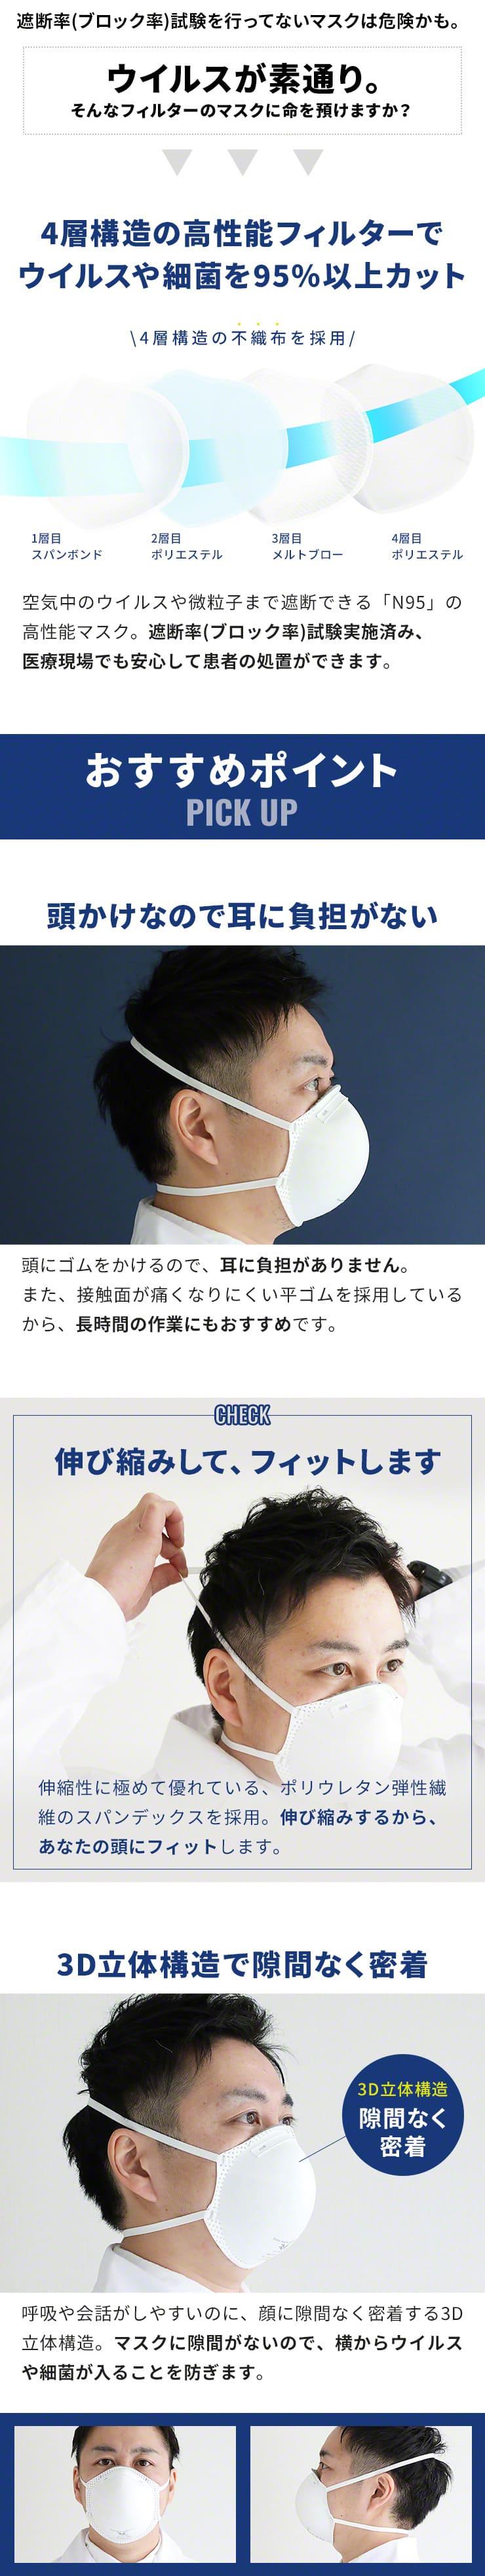 耳ゴム 頭かけ 3D 立体構造